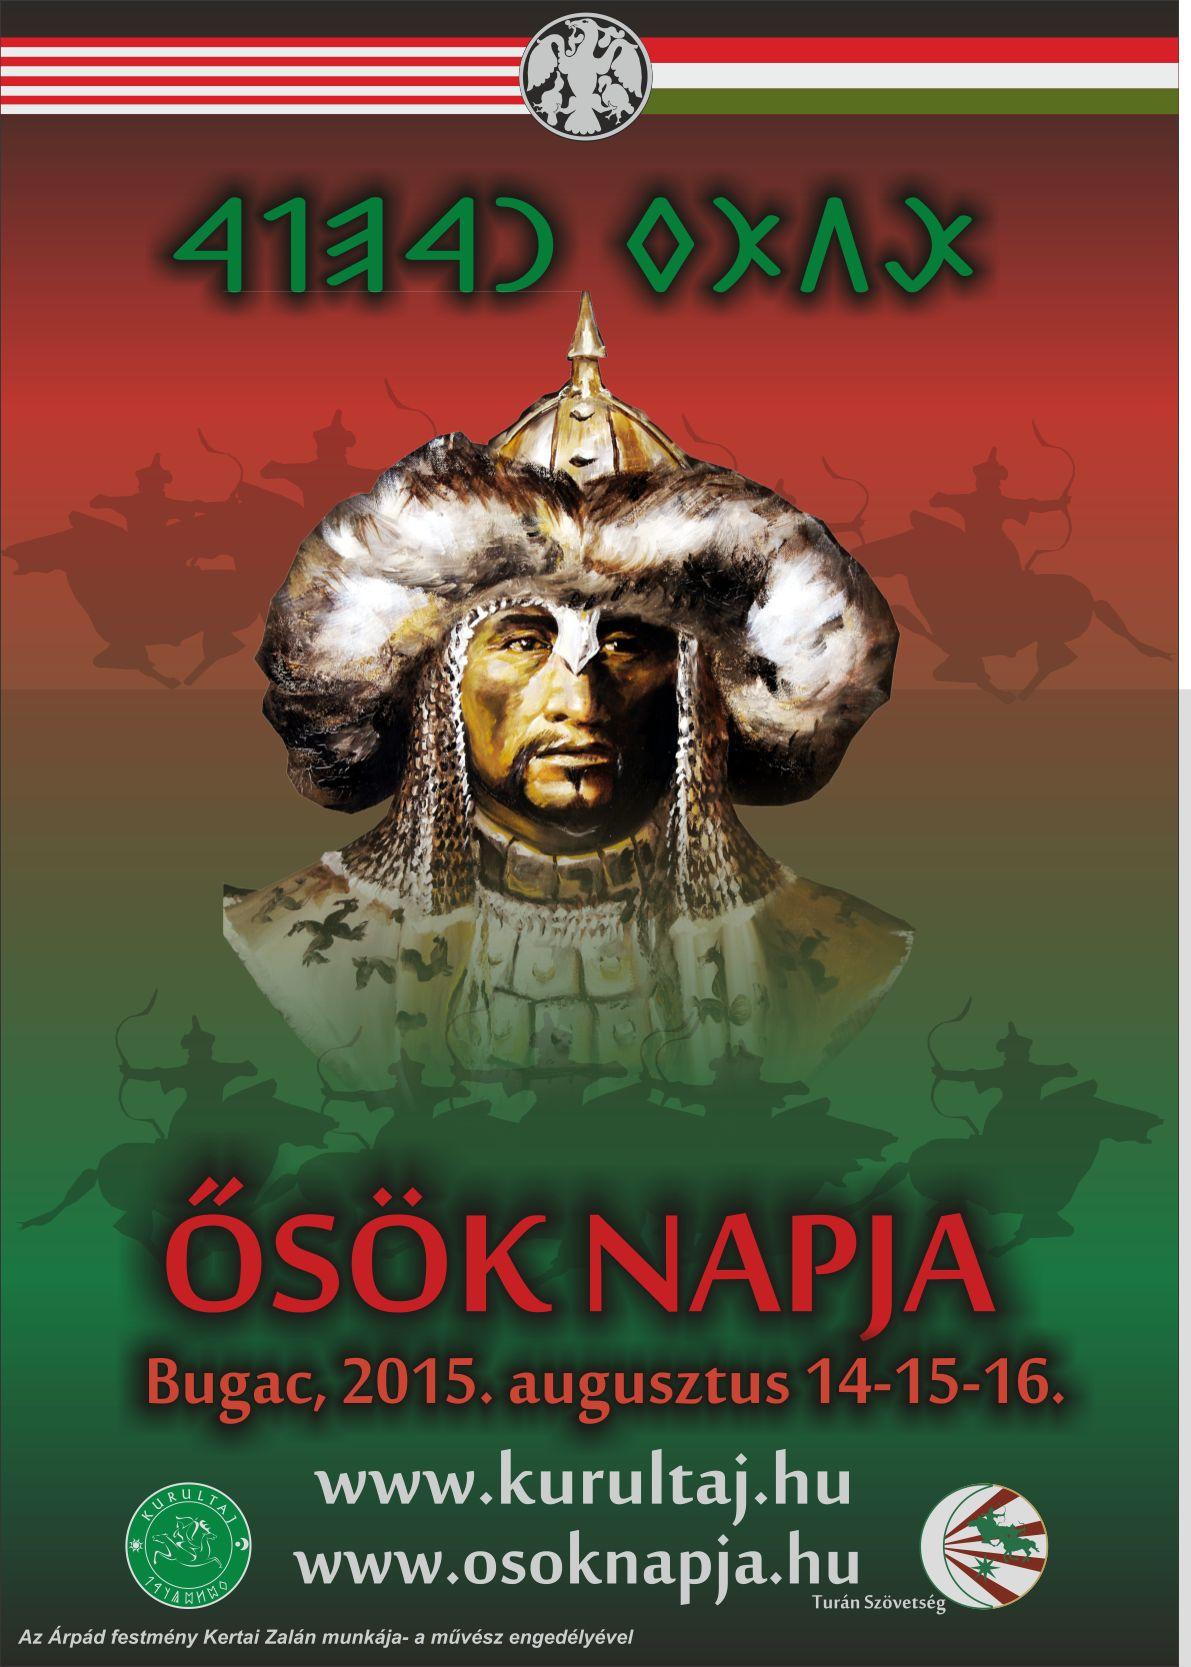 osok-napja-2015-hivatalos-rgb